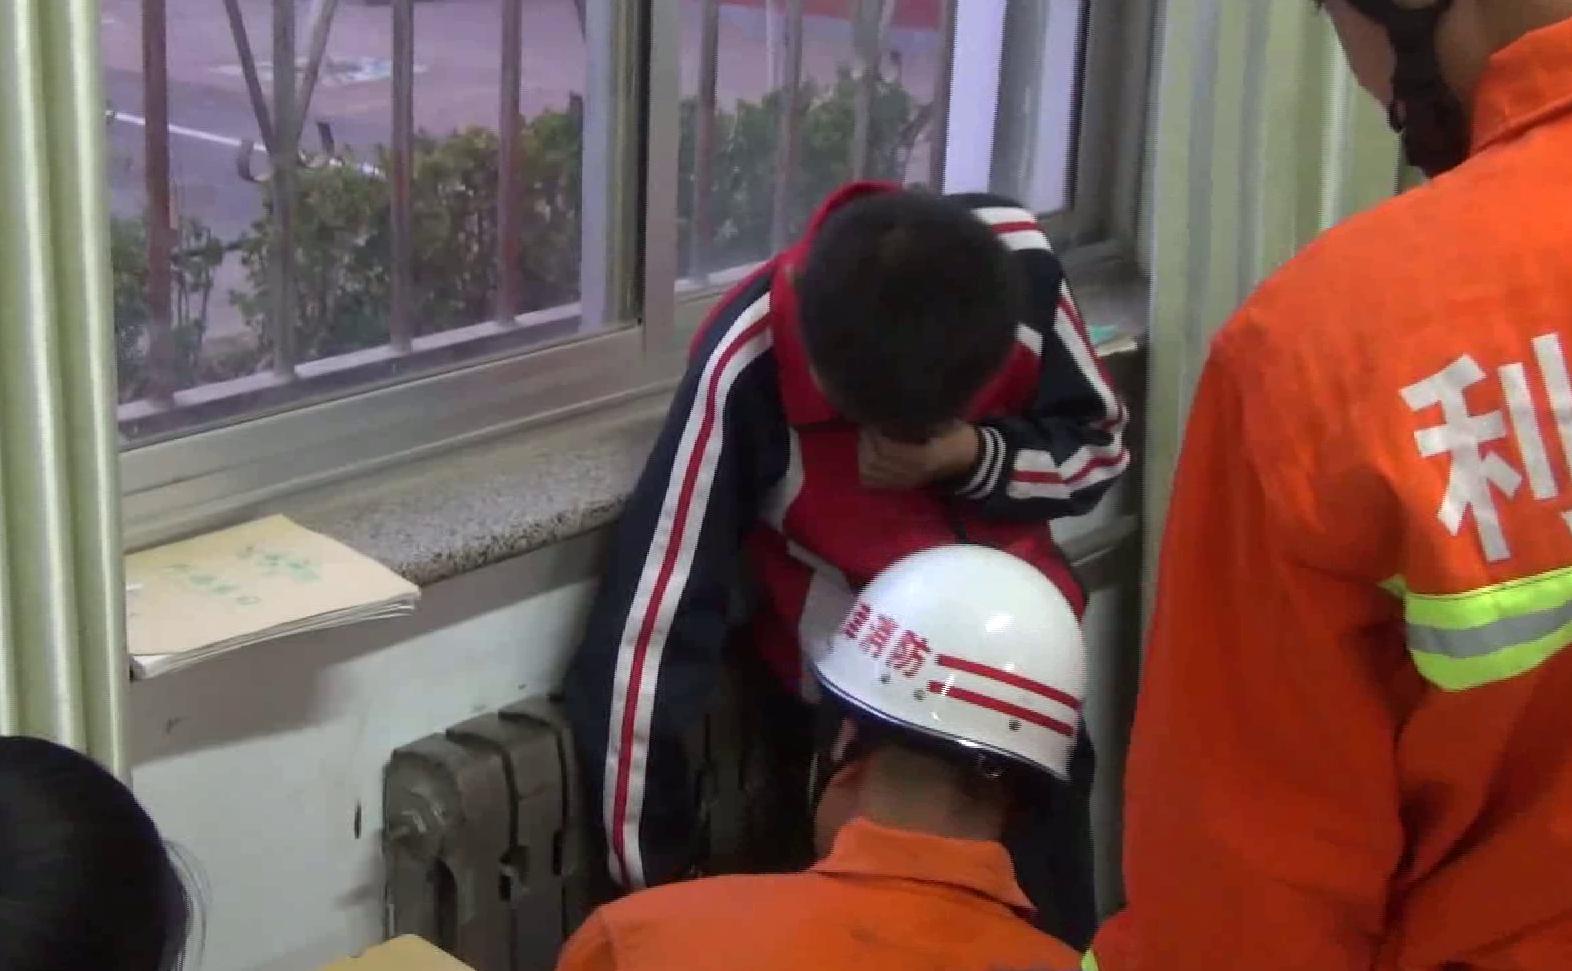 57秒丨东营男孩学校内贪玩手卡暖气片 消防撬动缝隙施救